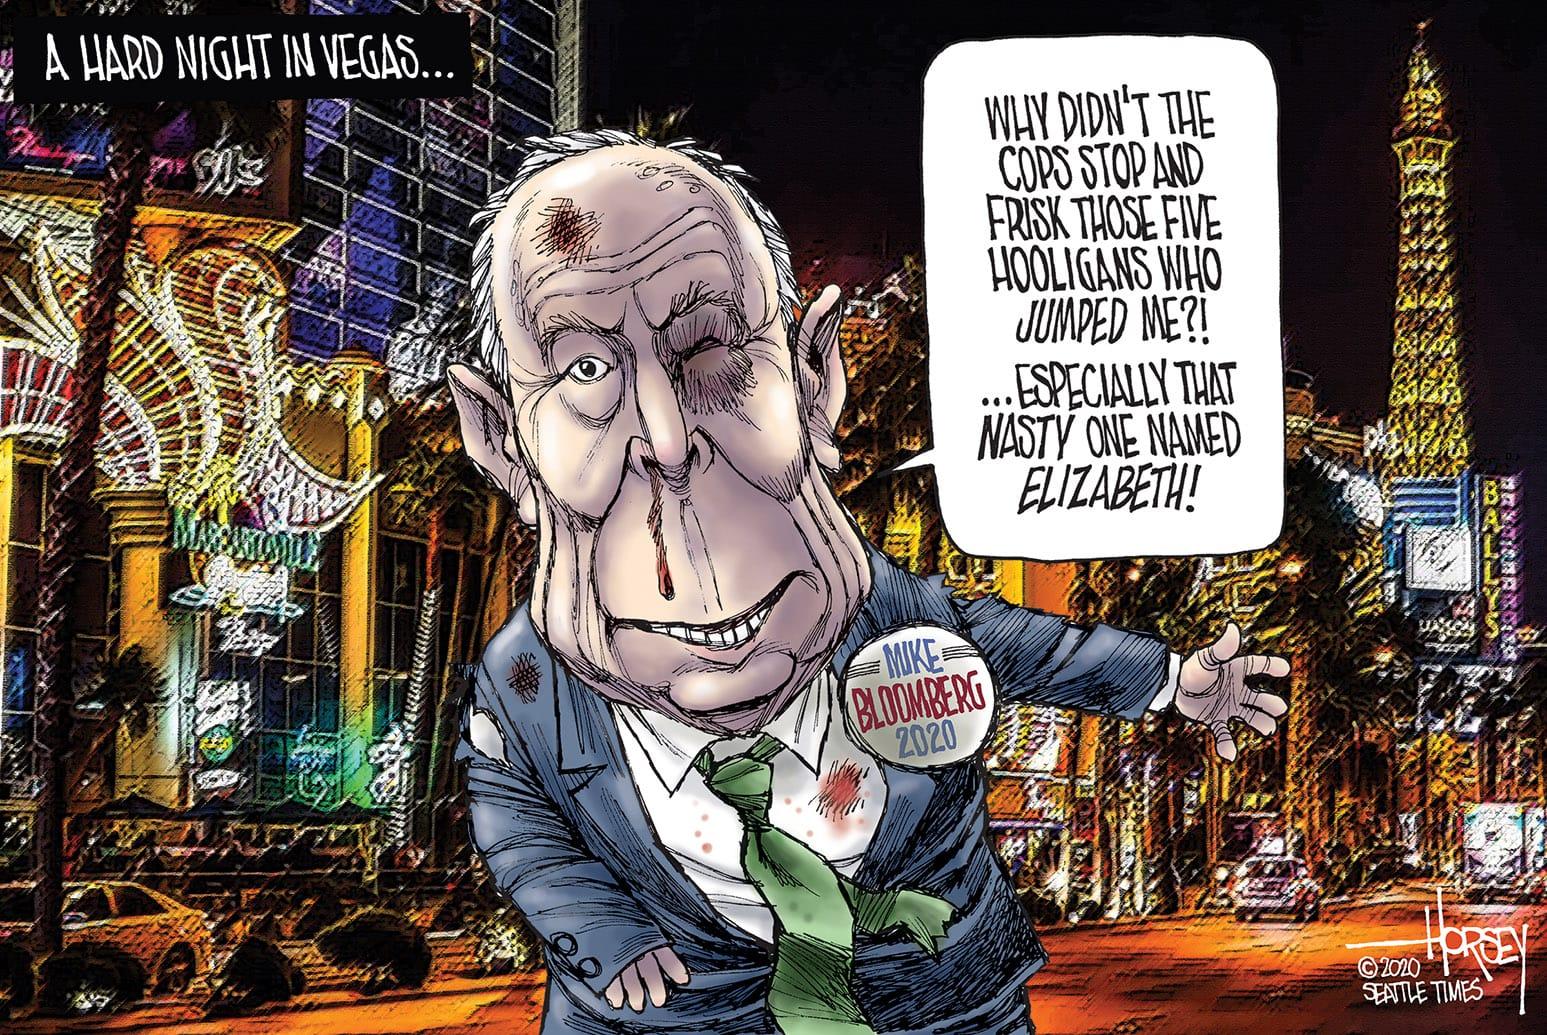 Feb. 22: Bloomberg Debate